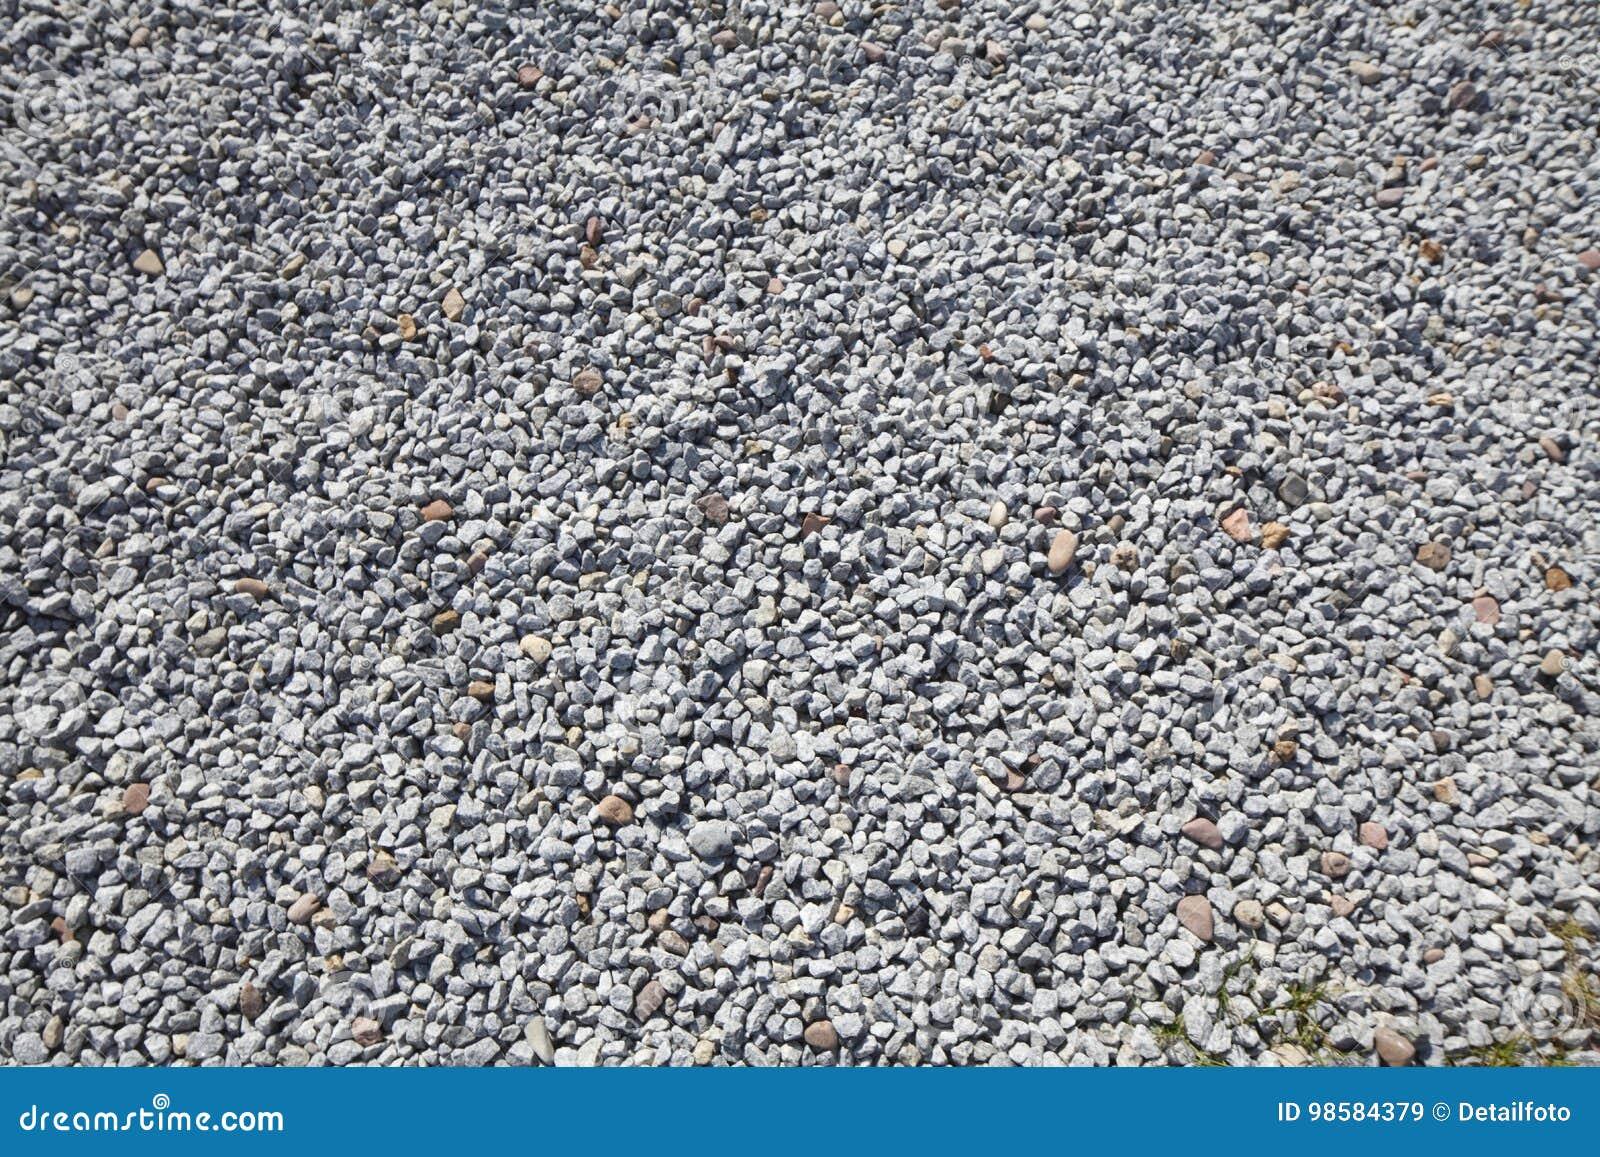 Pocas Piedras De La Arena Como Revestimiento De Suelos Imagen De - Revestimiento-suelo